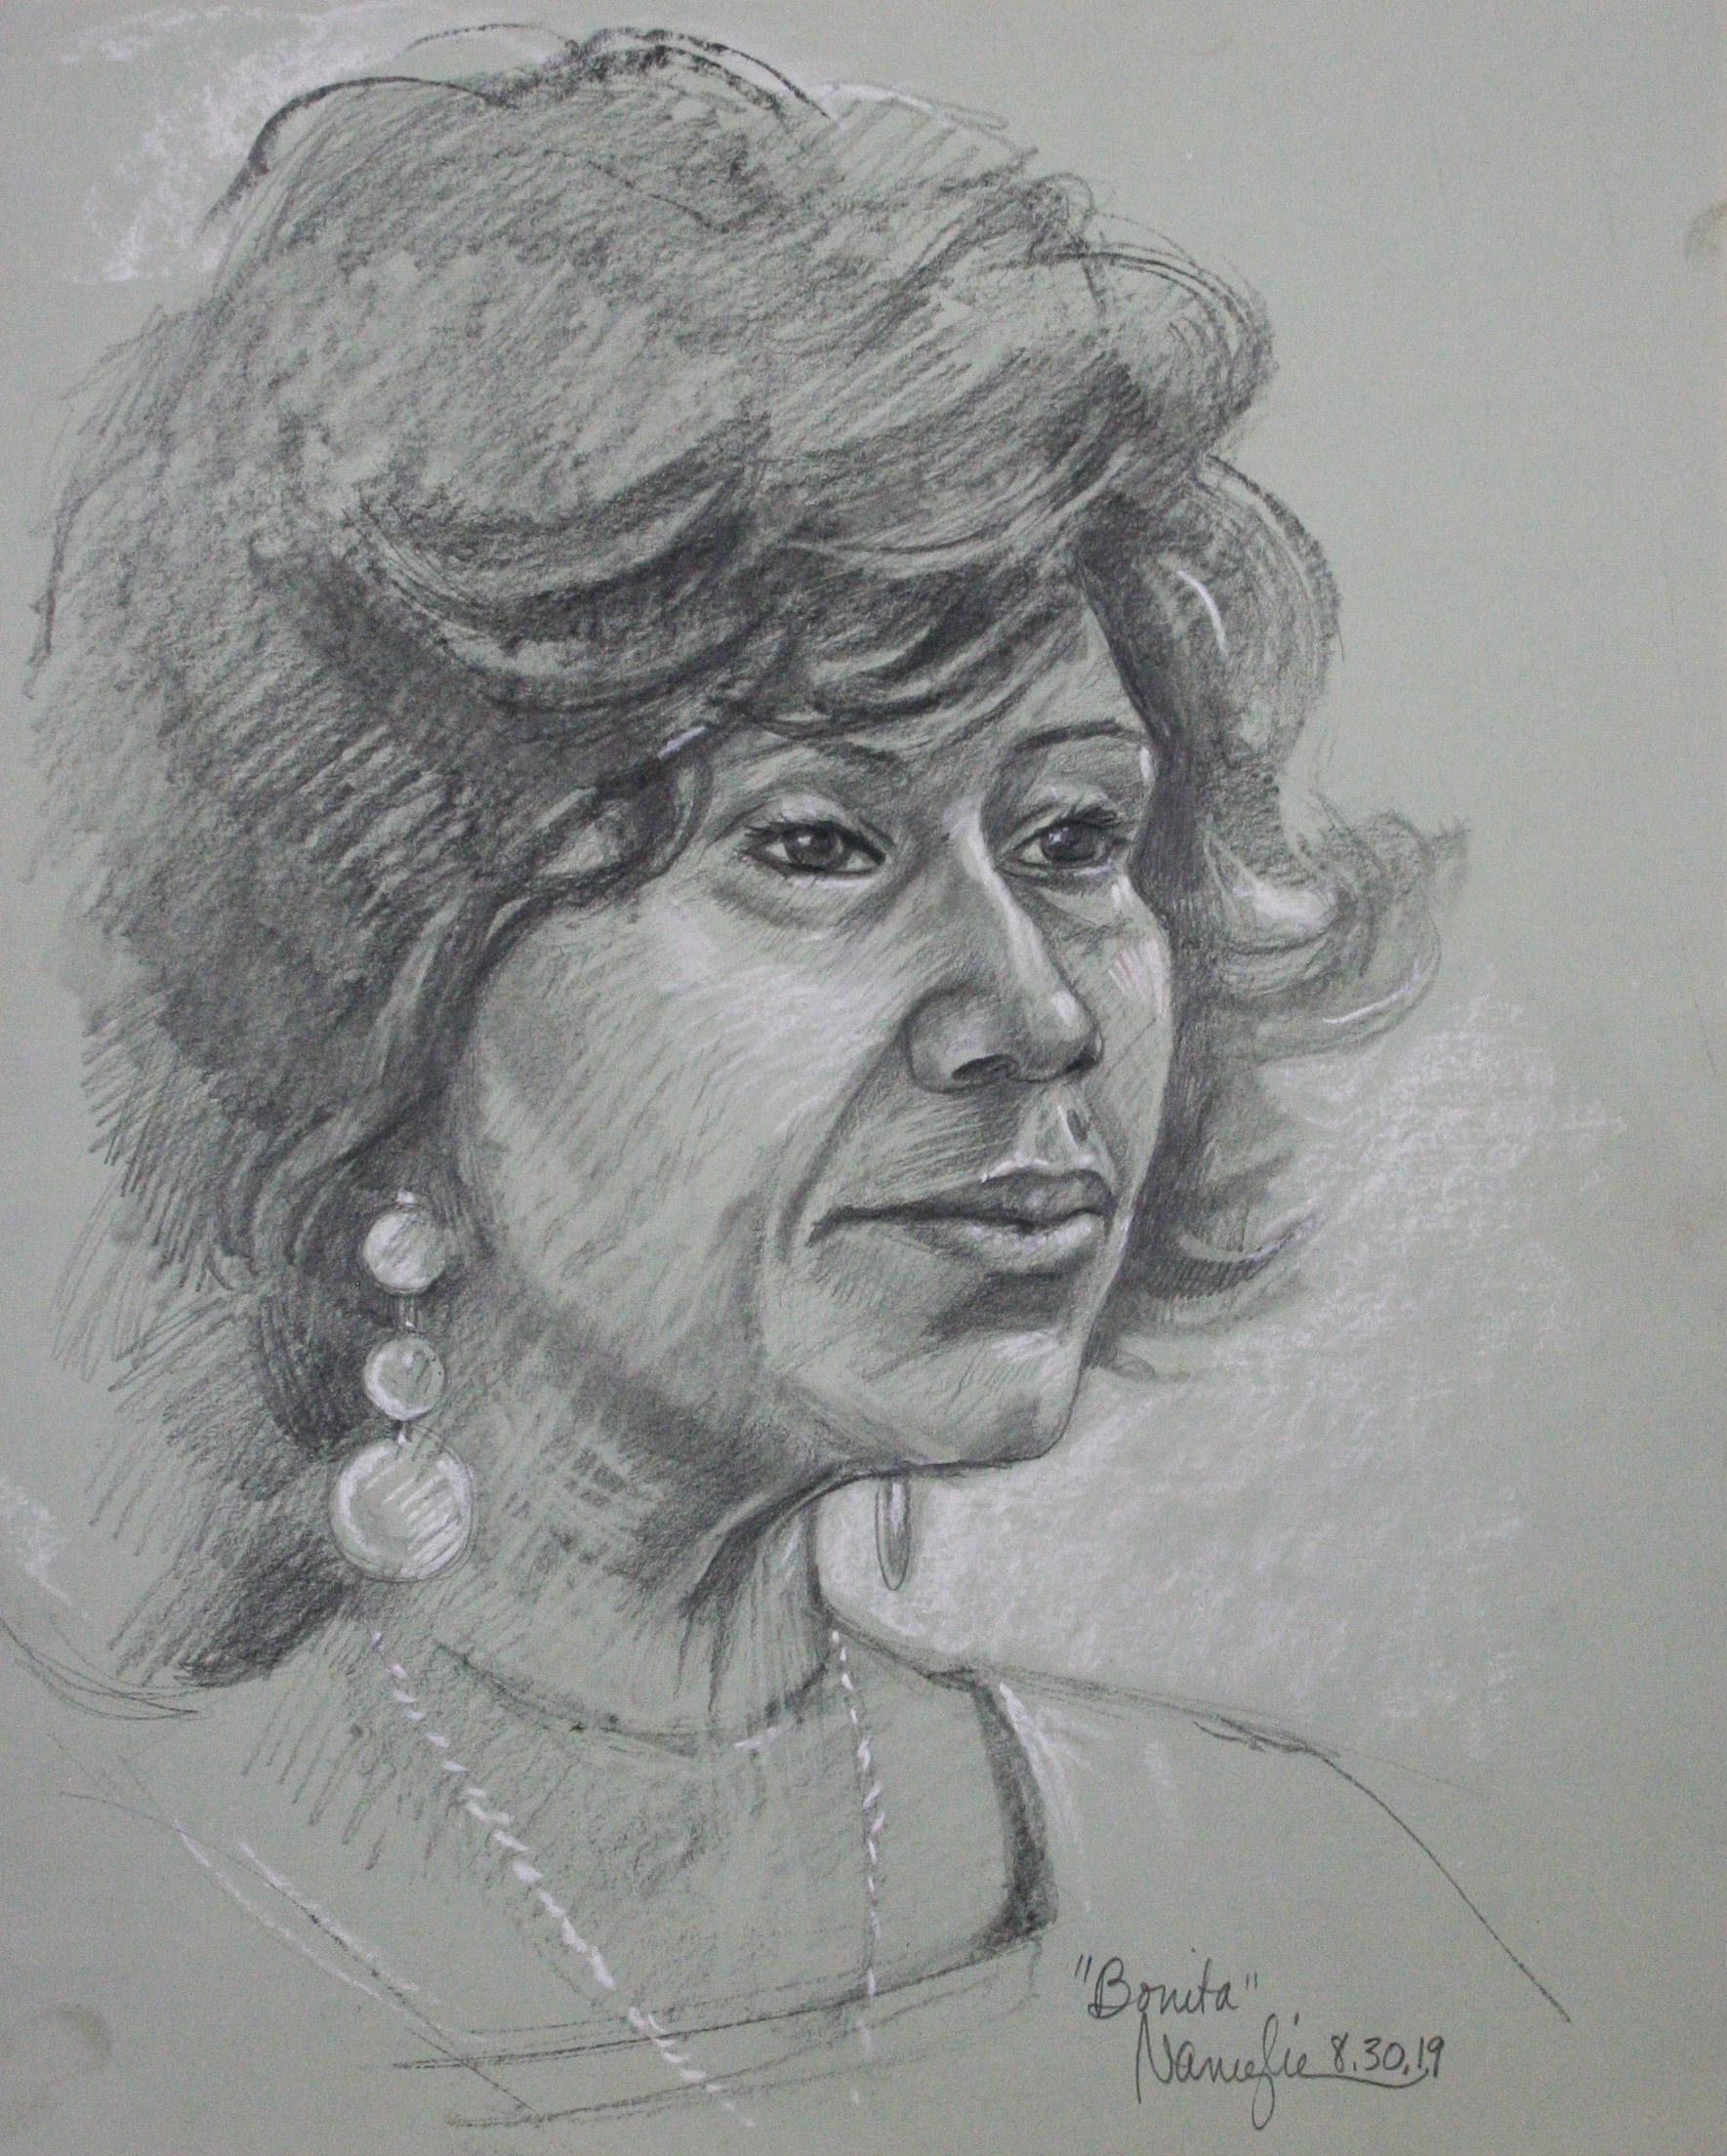 Nancy Lick - Pencils